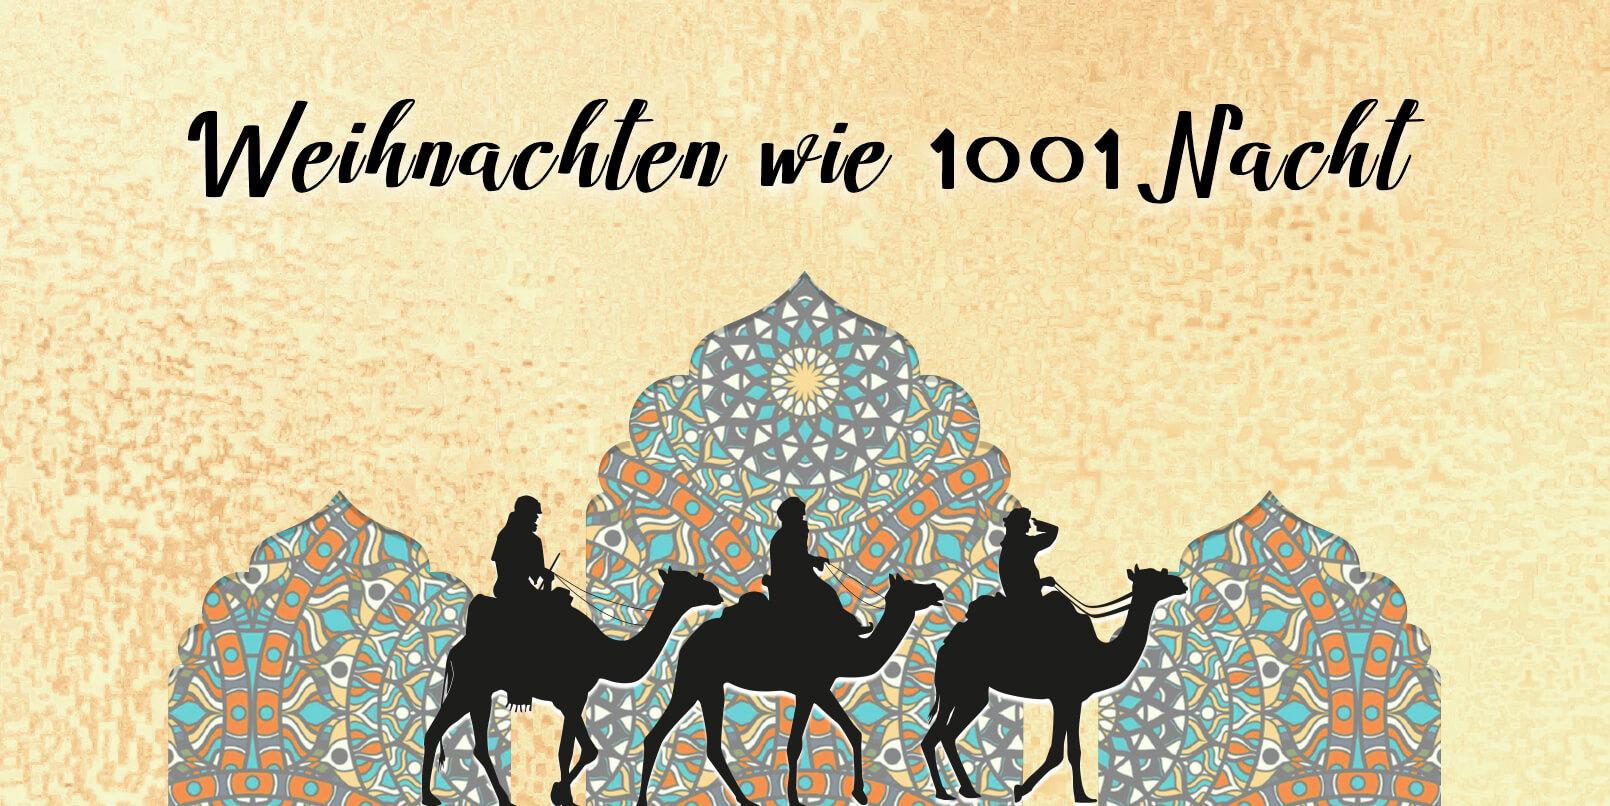 Weihnachtsprogramm in Ludwigsburg